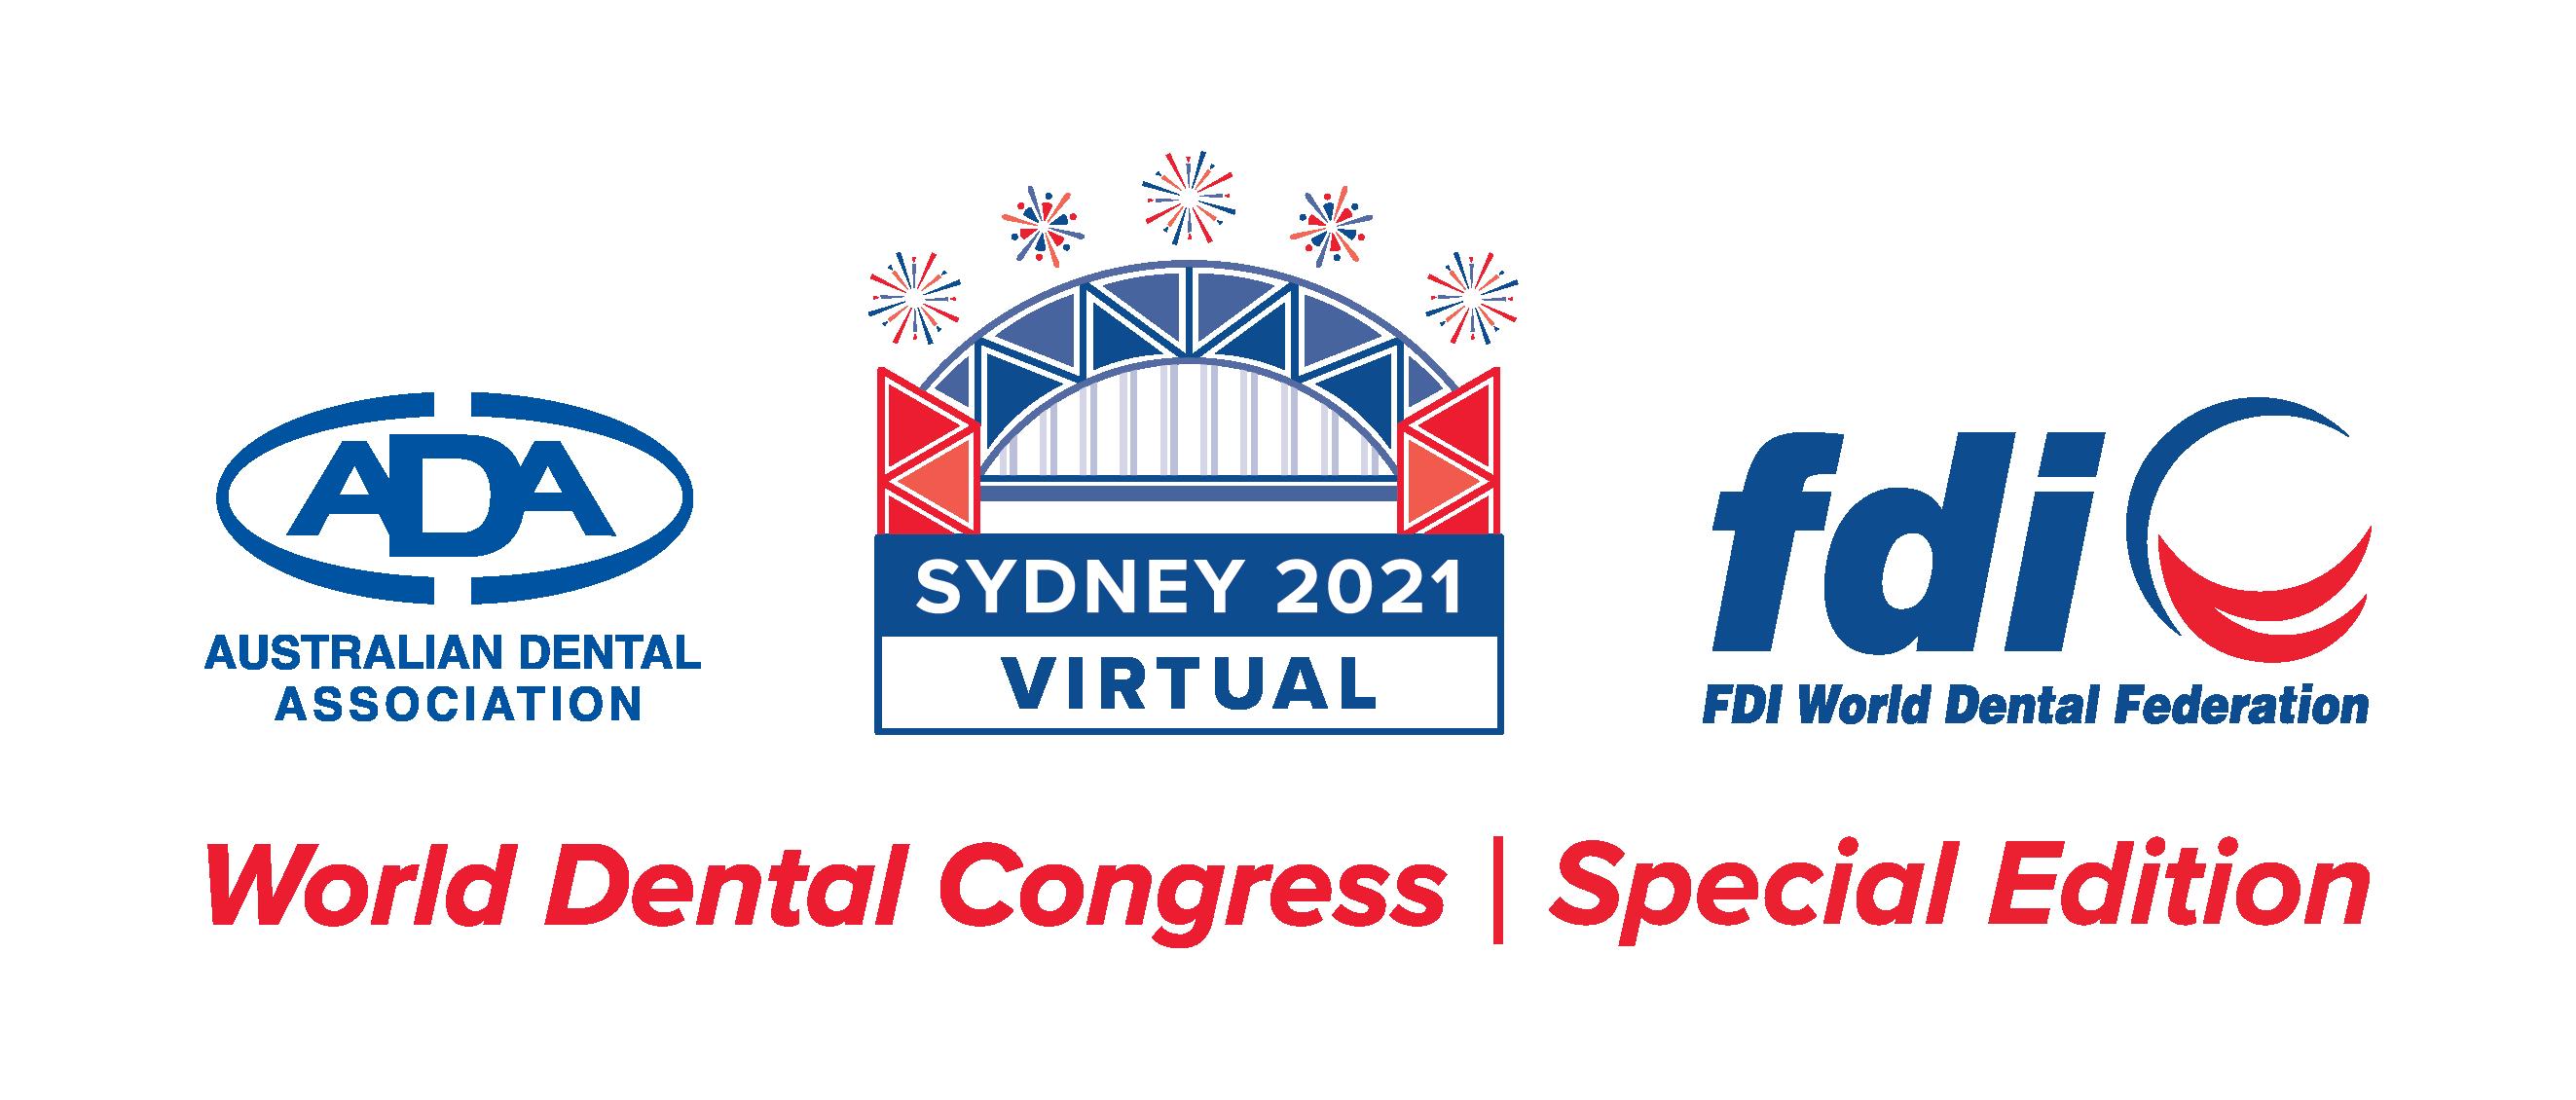 FDI zaprasza na World Dental Congress – Special Edition 2021!